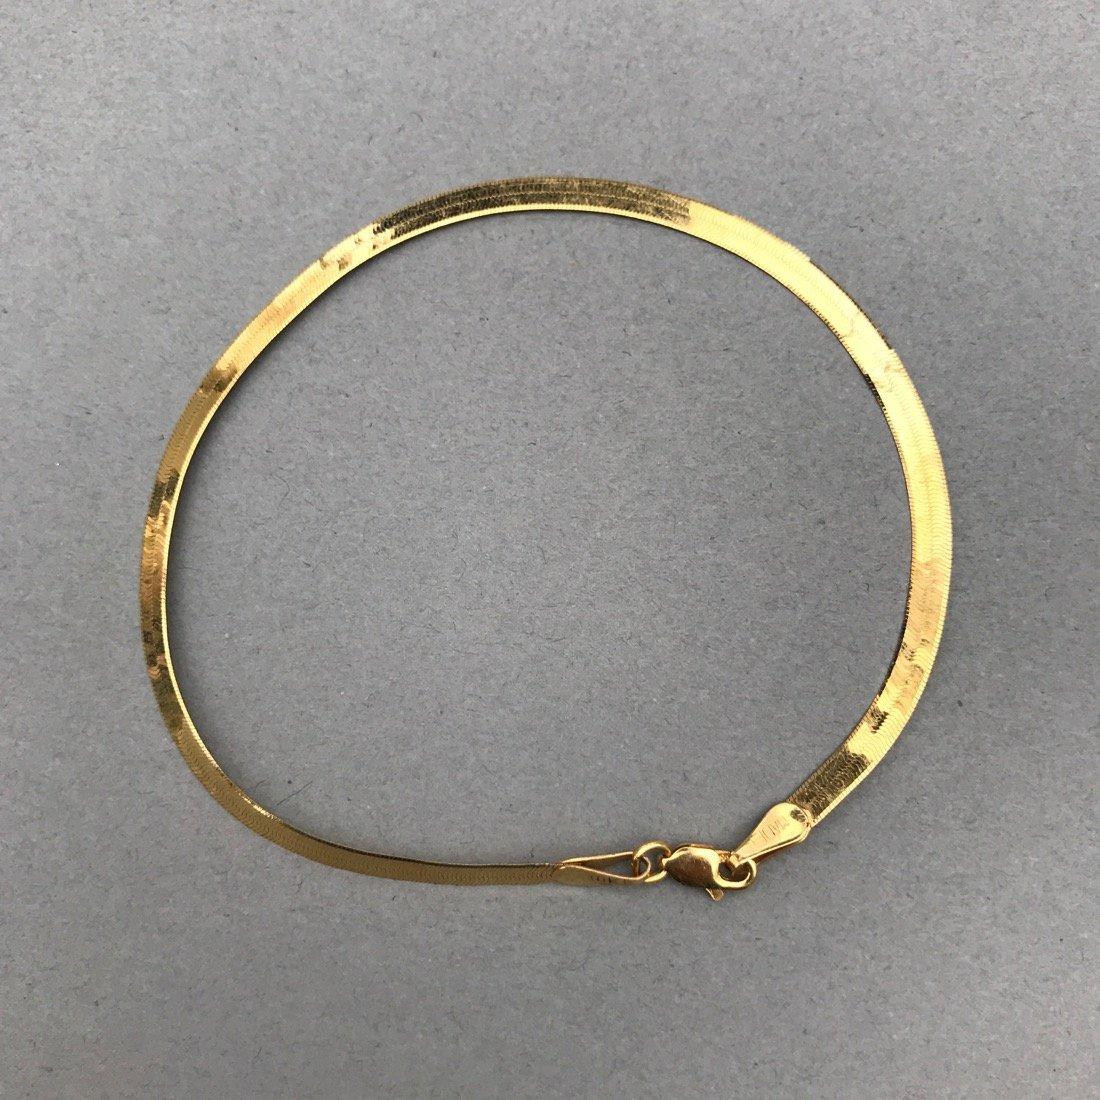 3 10K Gold Bracelets - 8